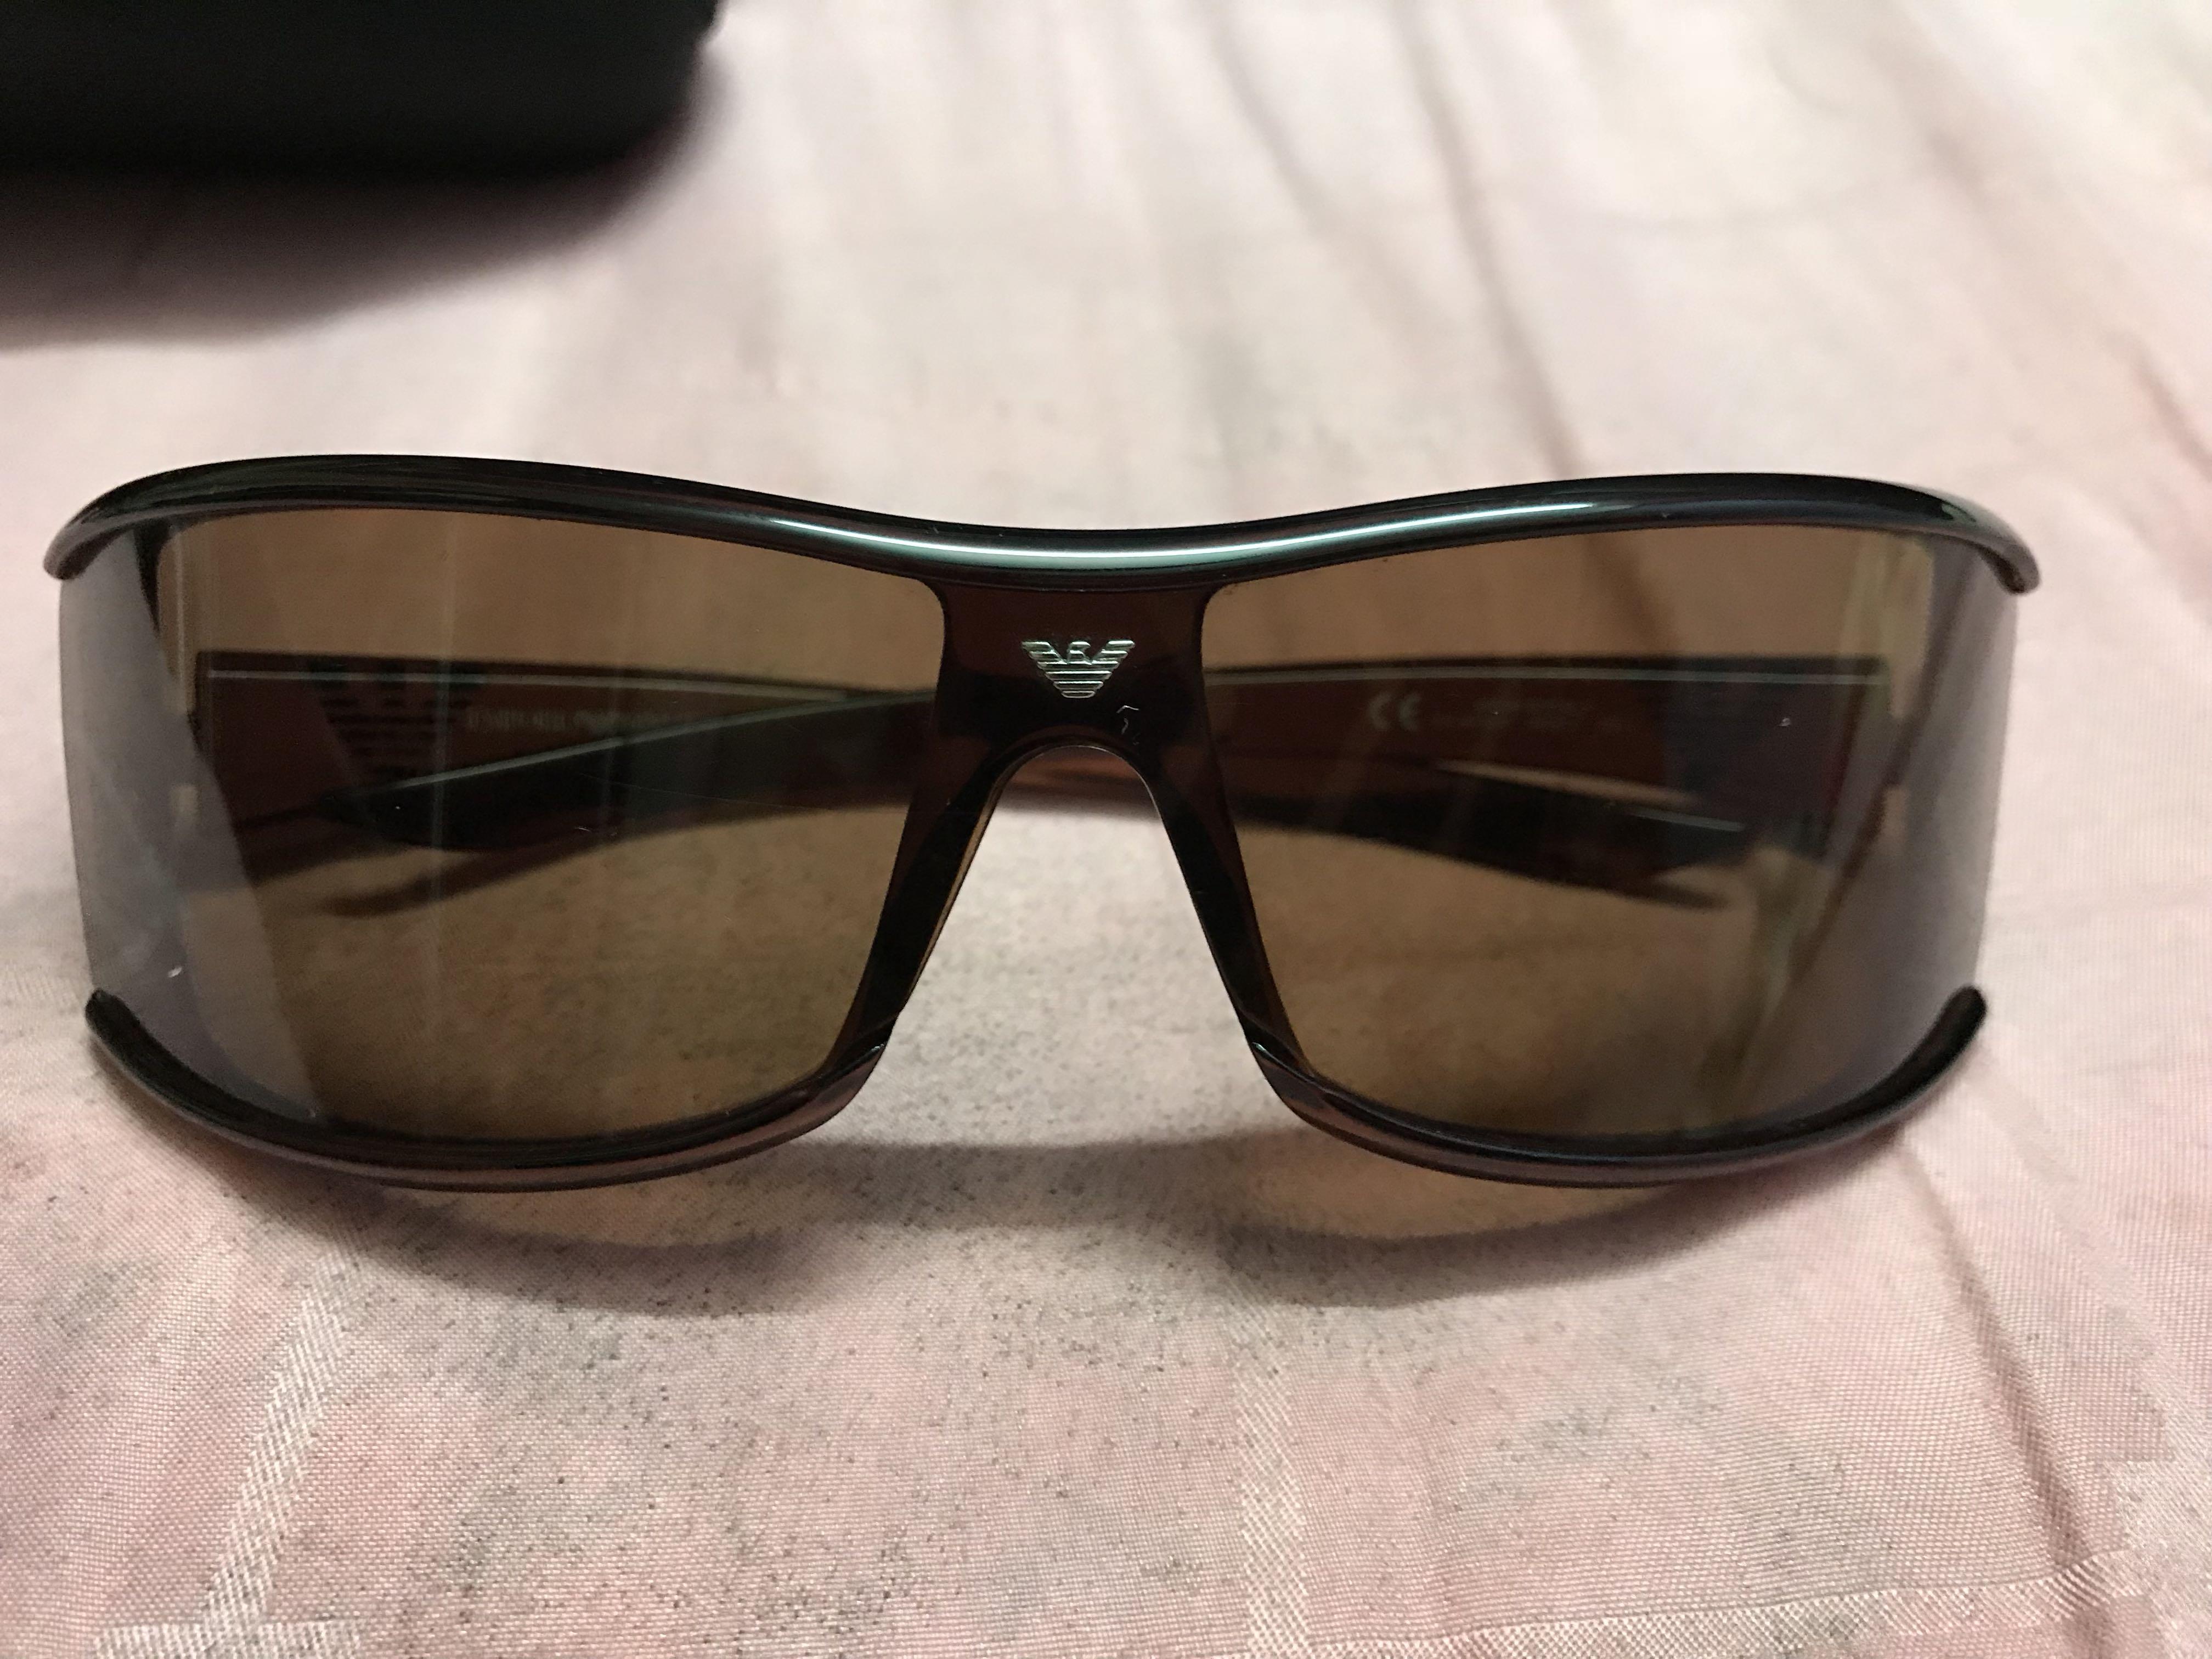 48efdee22445 Emporio Armani Polarised Sunglasses